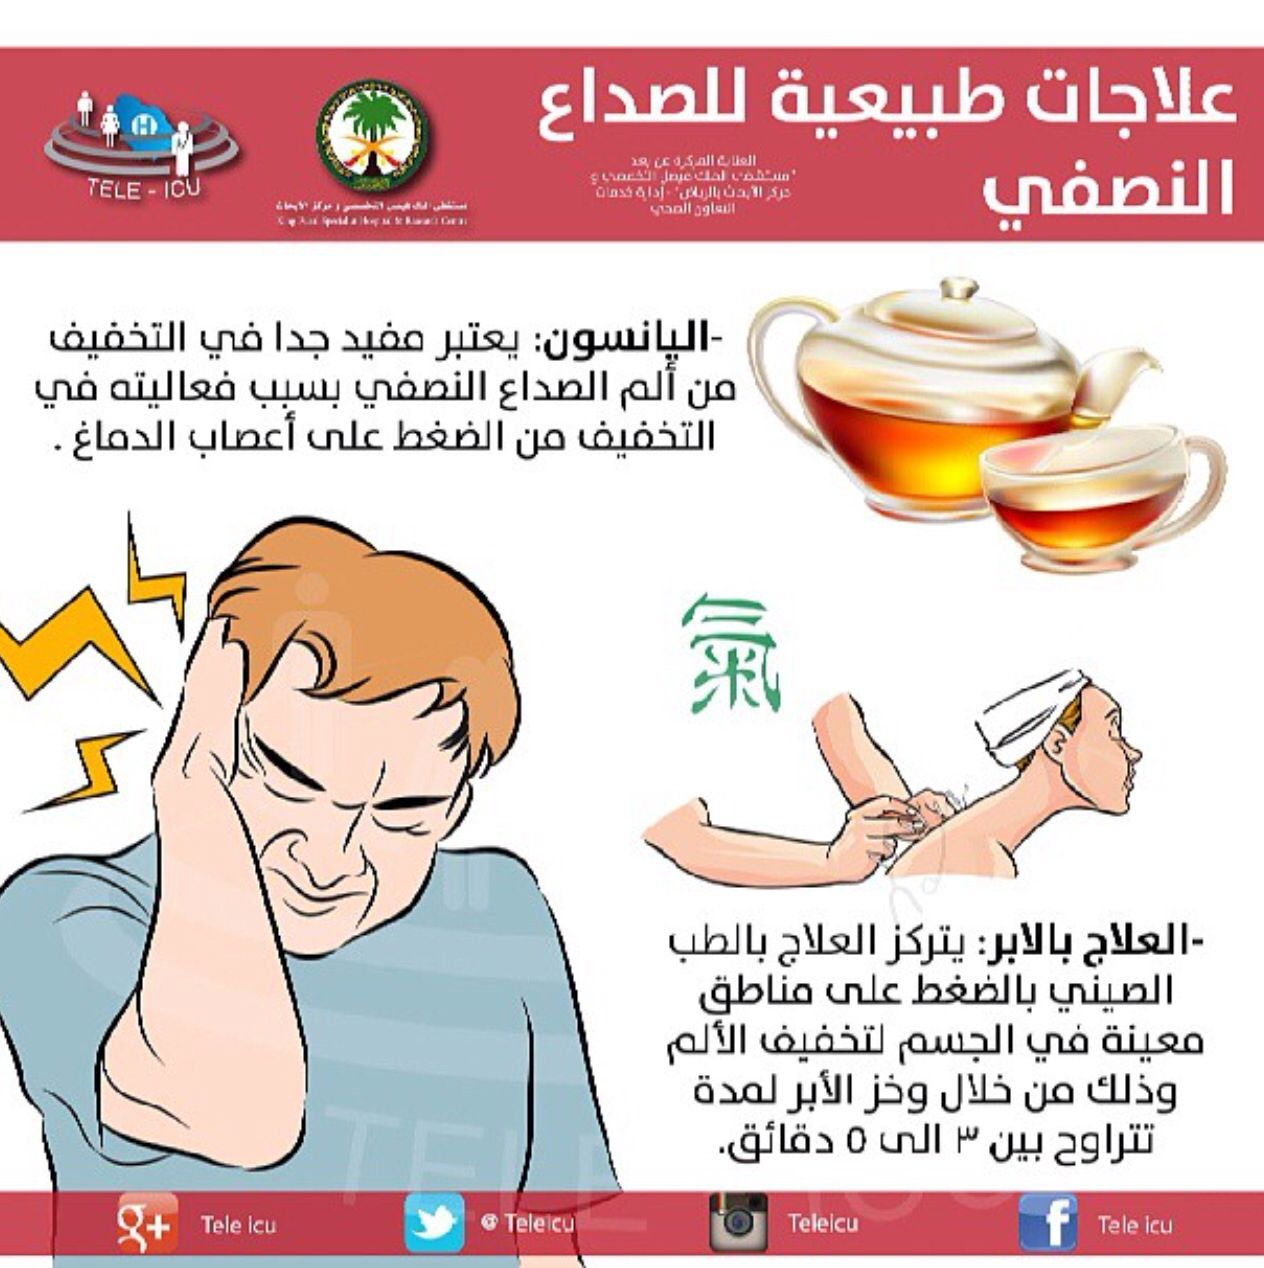 علاجات طبيعية للصداع النصفي Health And Beauty Tips Health Health Fitness